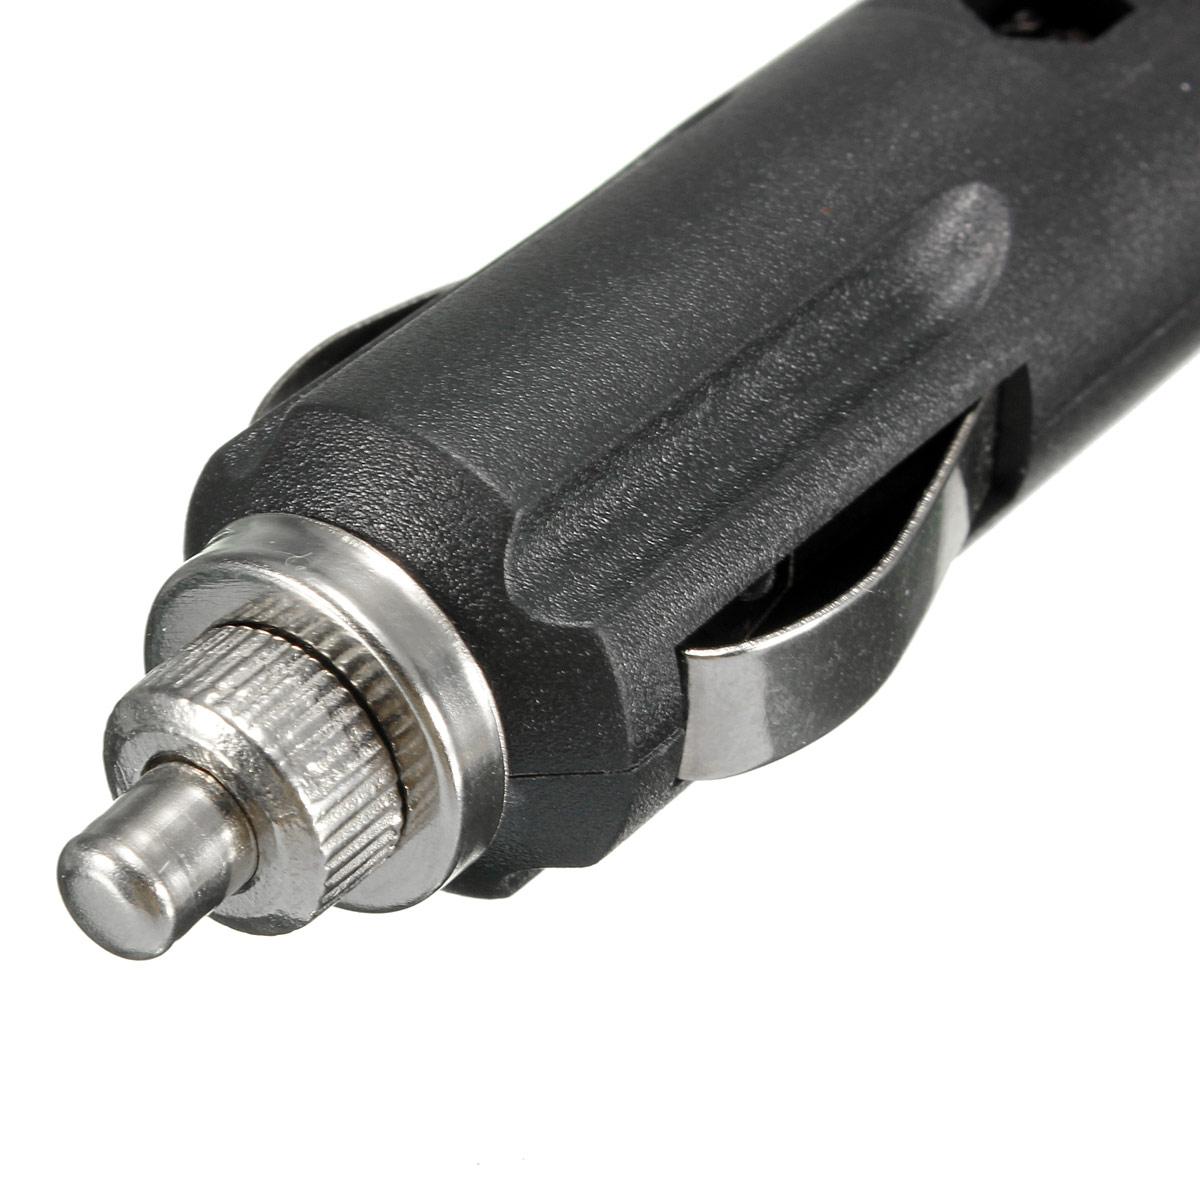 12V Male Car Cigarette Lighter Socket Plug Connector With